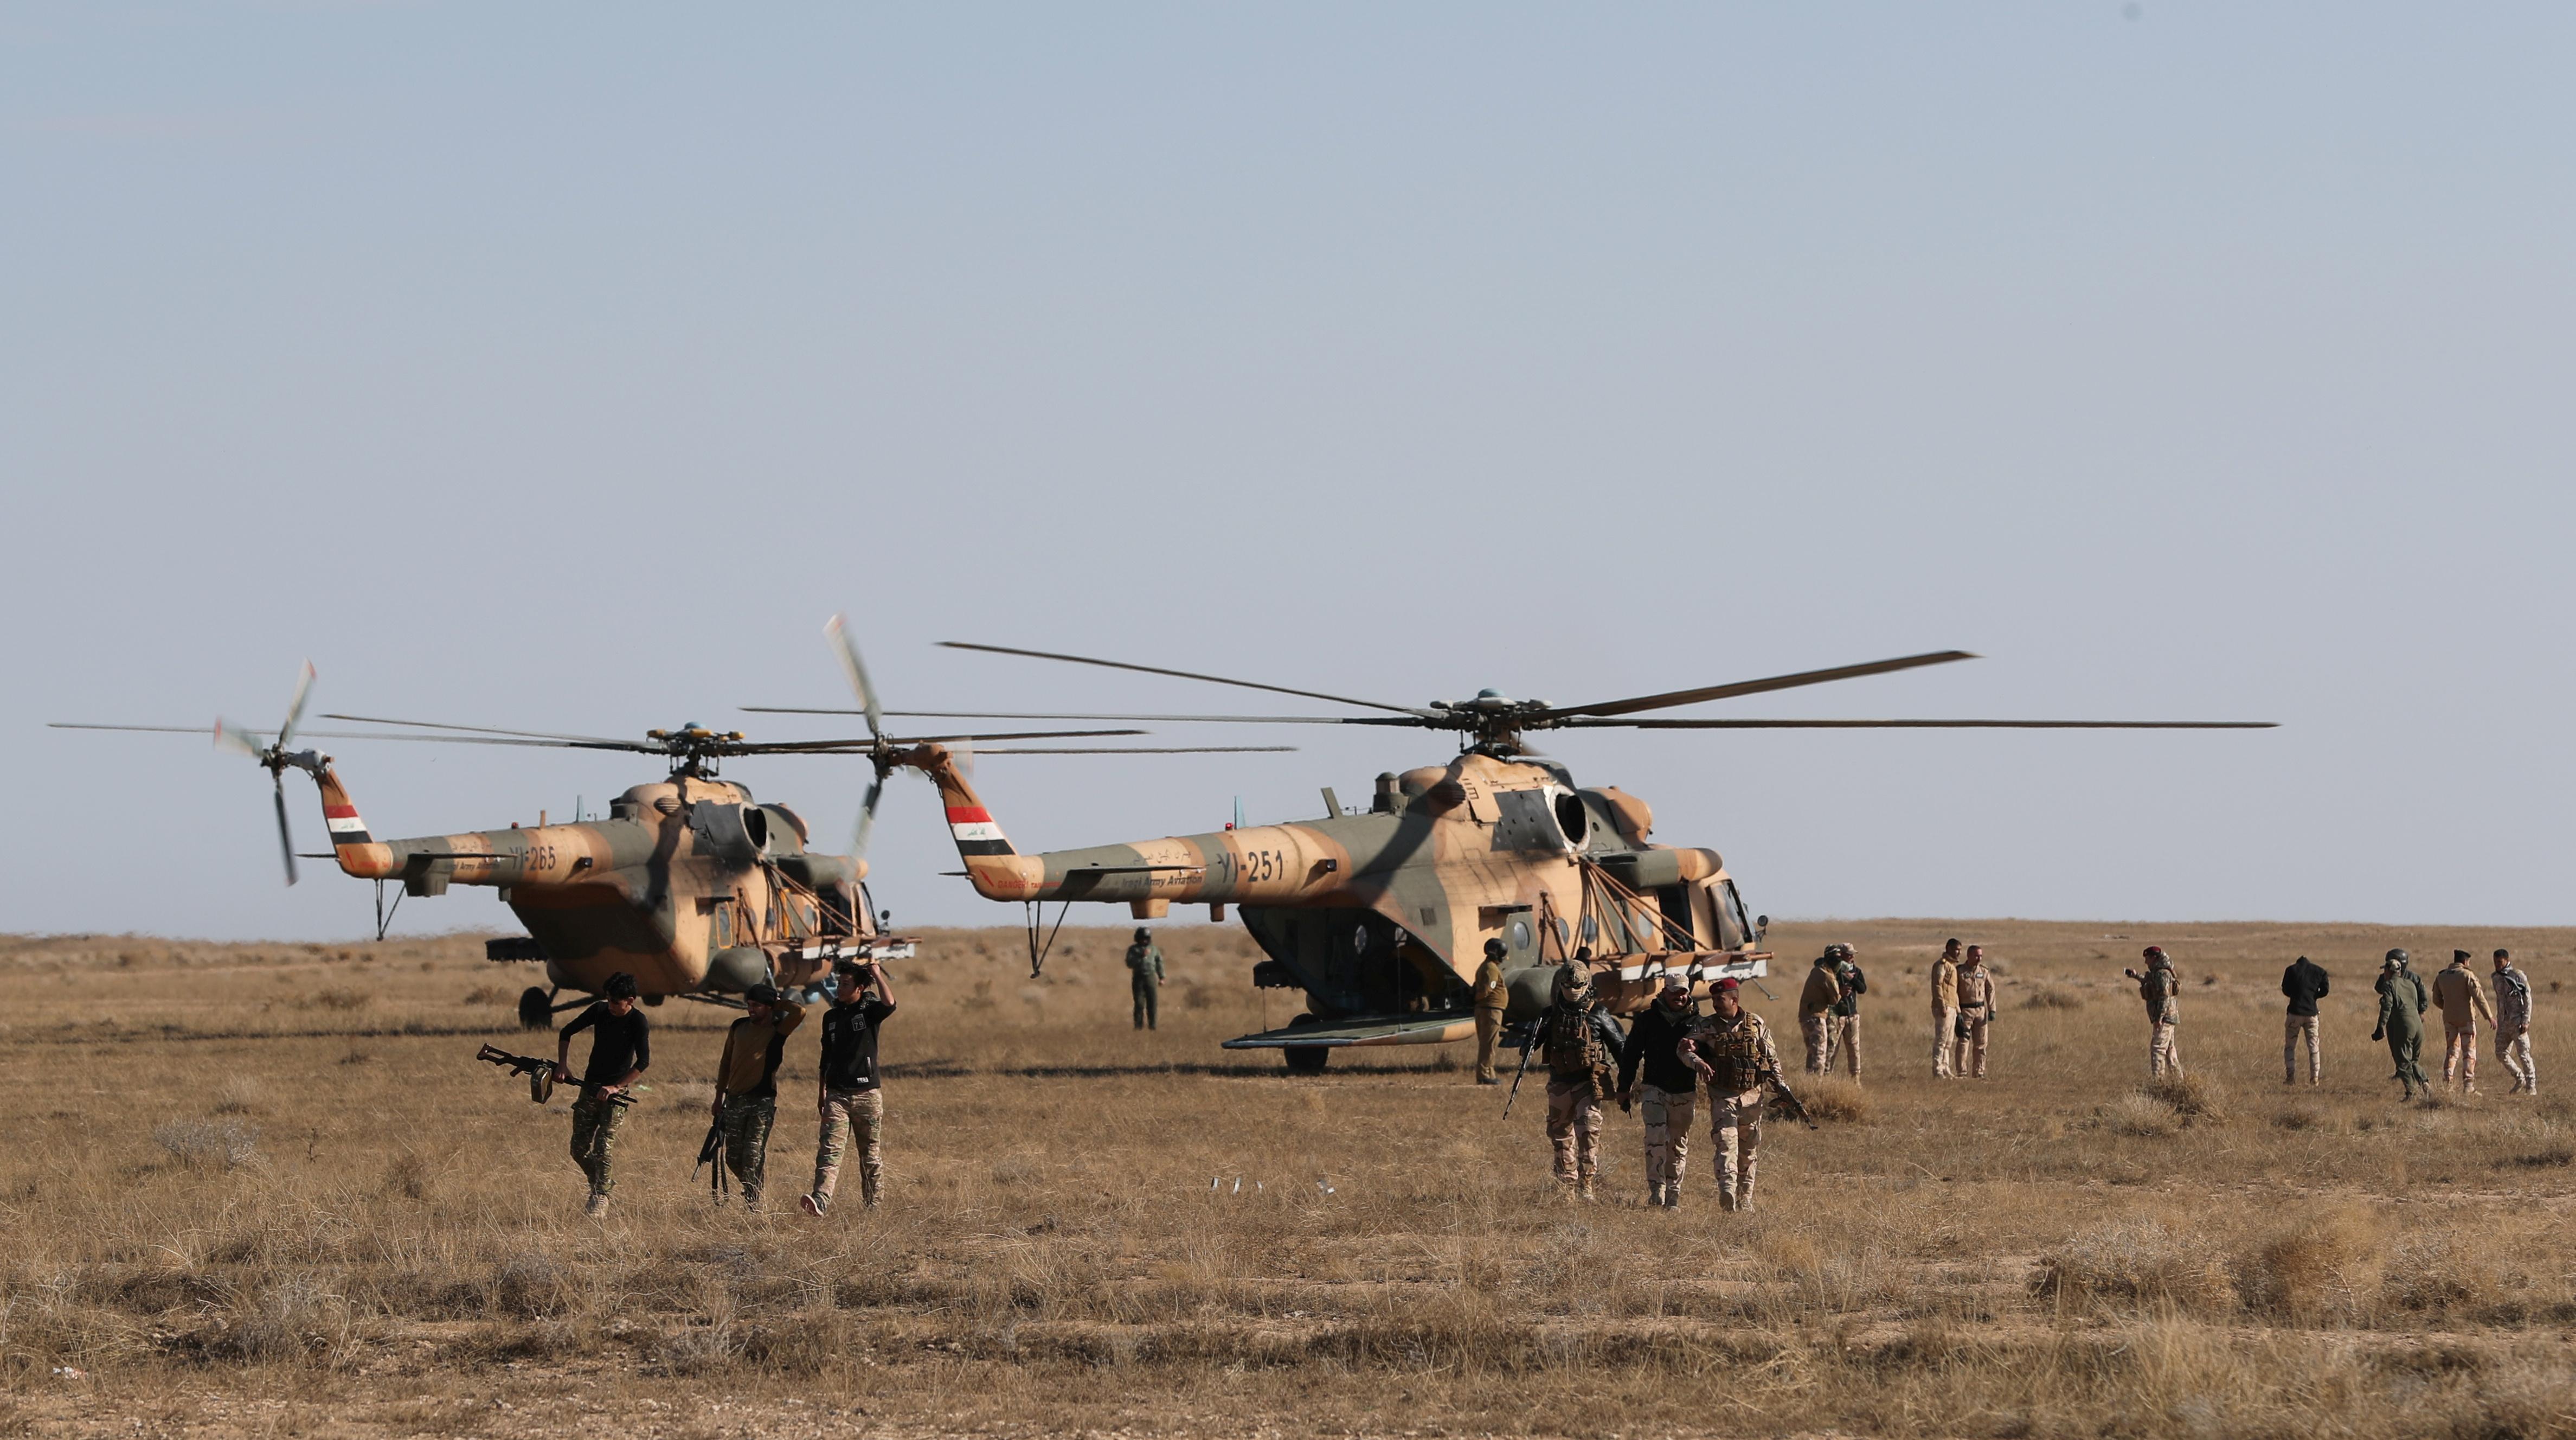 قوات الأمن العراقية خلال العمليات العسكرية للبحث عن عناصر داعش في محافظة الأنبار